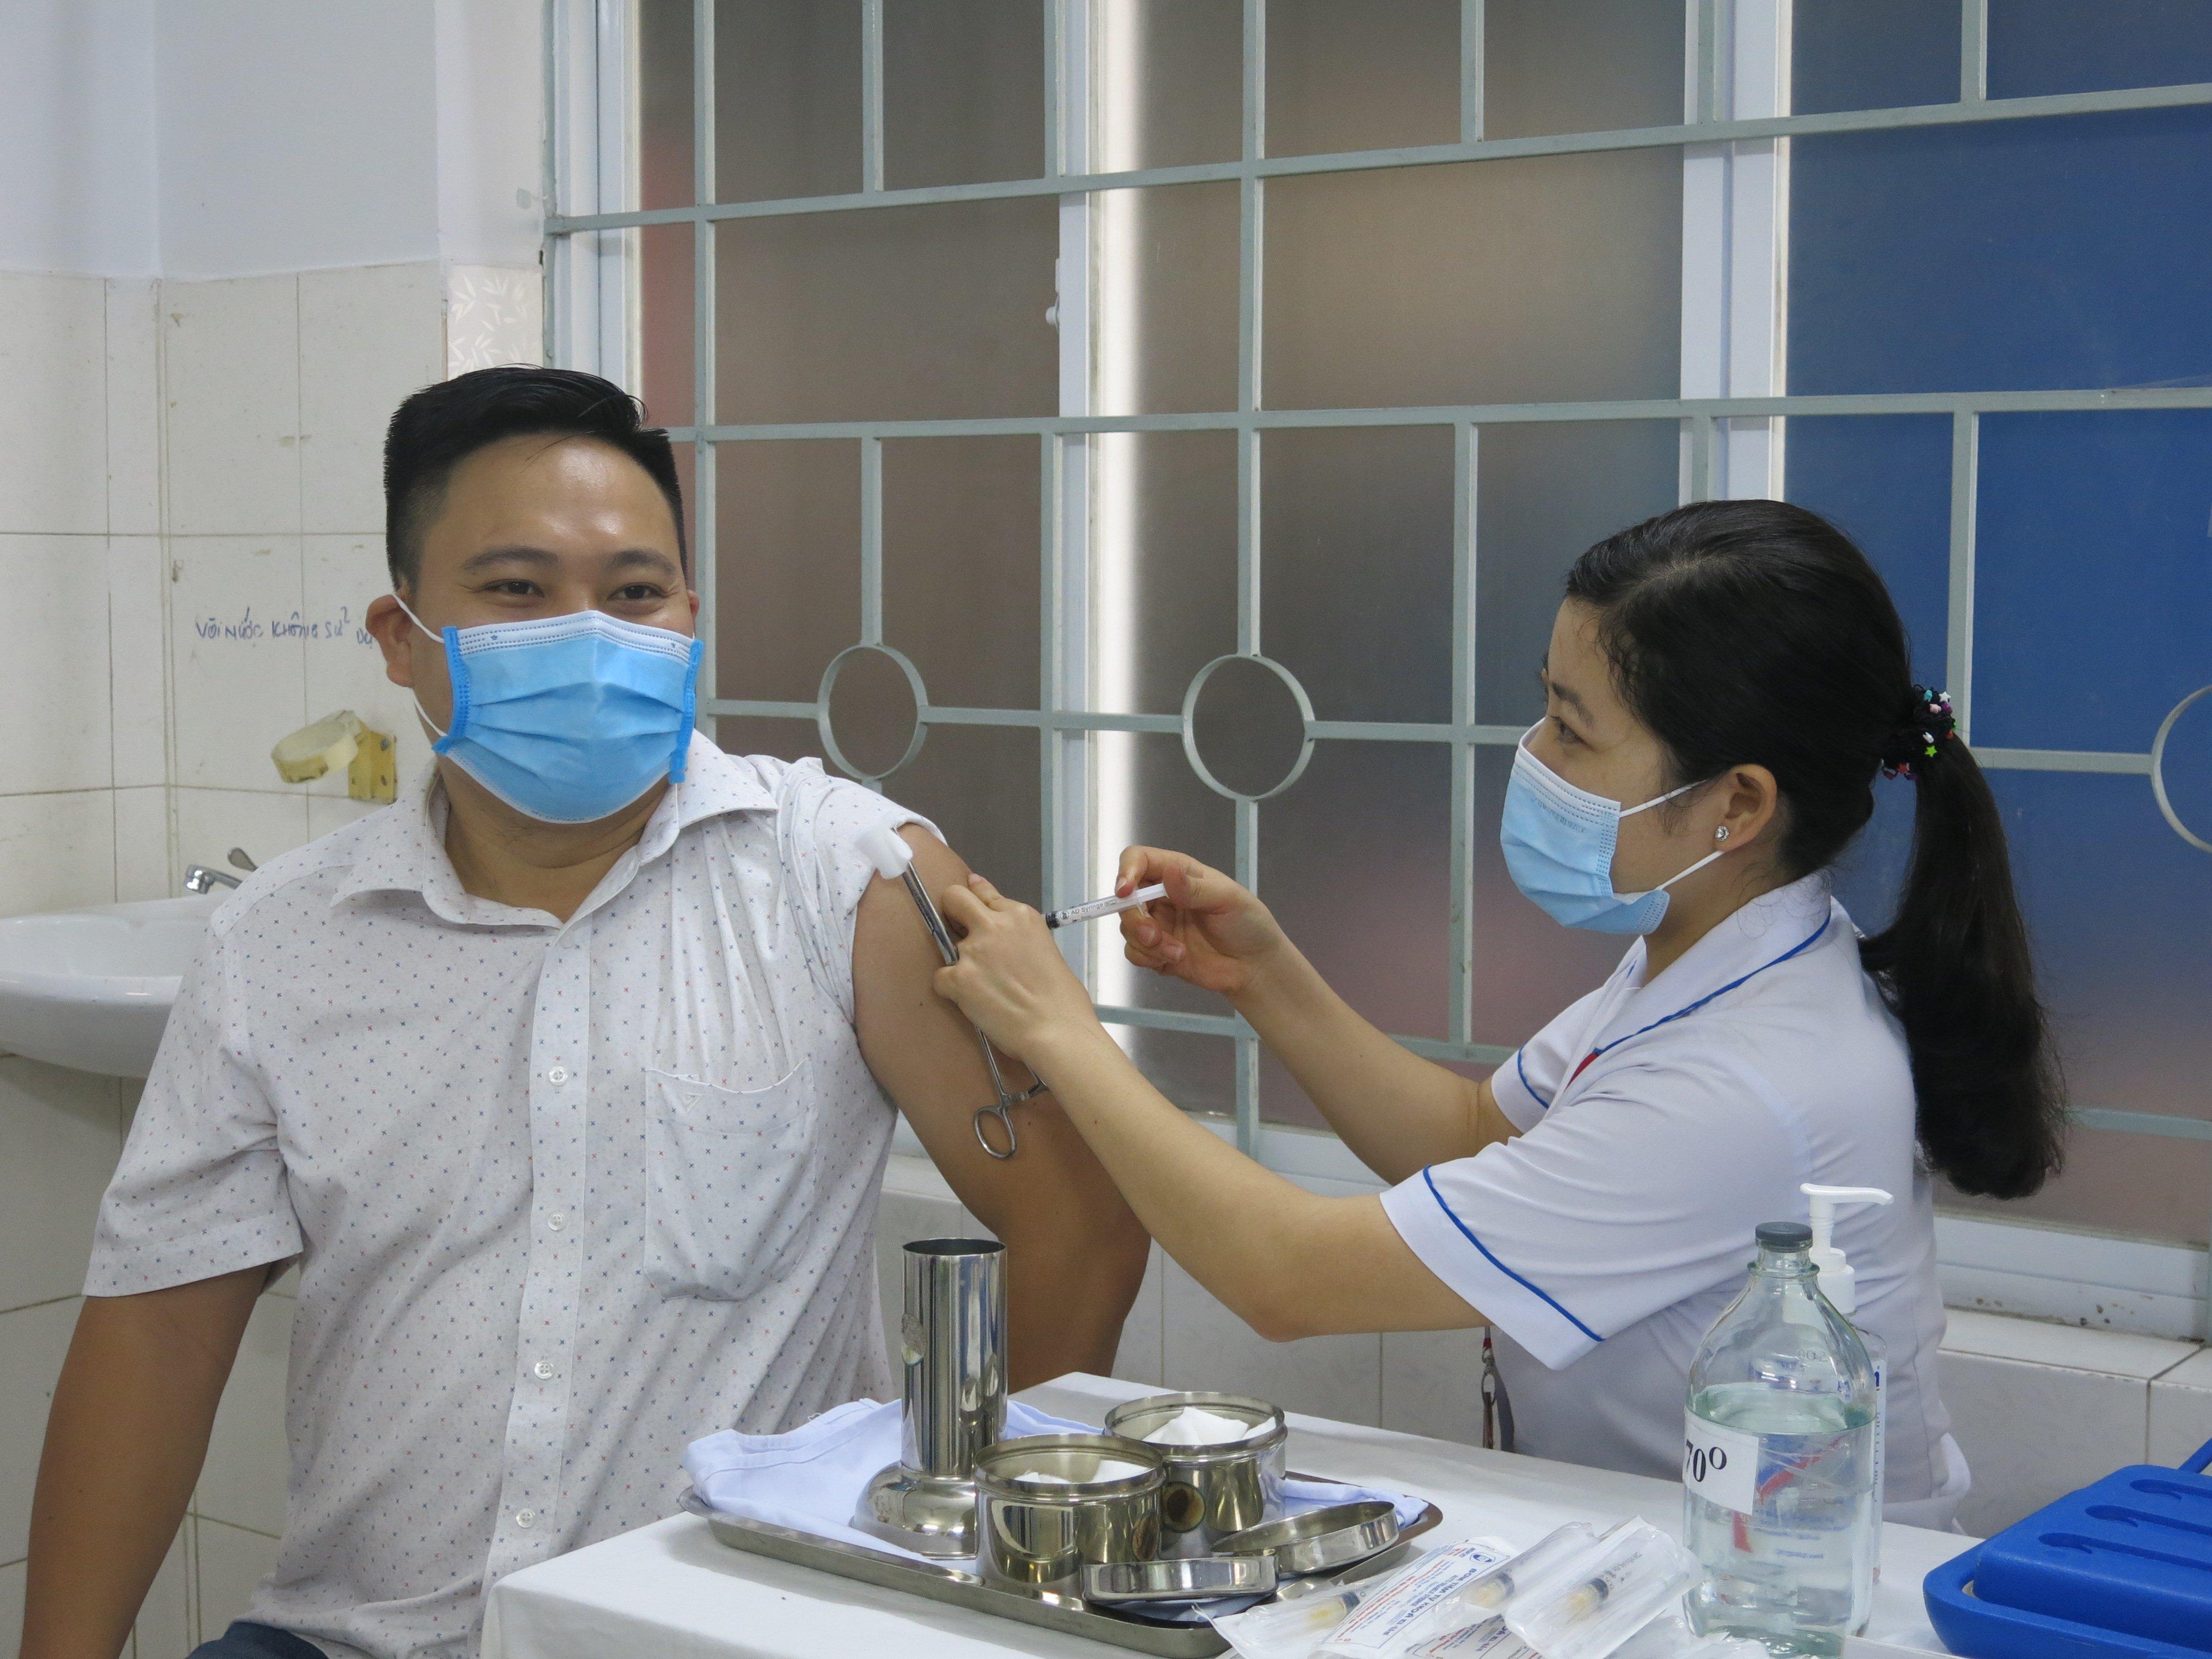 Thông tin về dịch bệnh COVID-19 tại TP.HCM (cập nhật 7g ngày 19/4/2021)